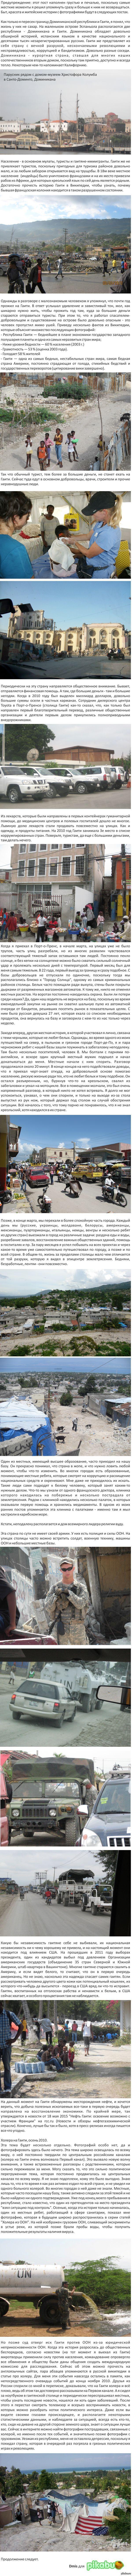 Непростая гаитянская жизнь глазами простого русского Продолжение про жизнь на Гаити с фотографиями.